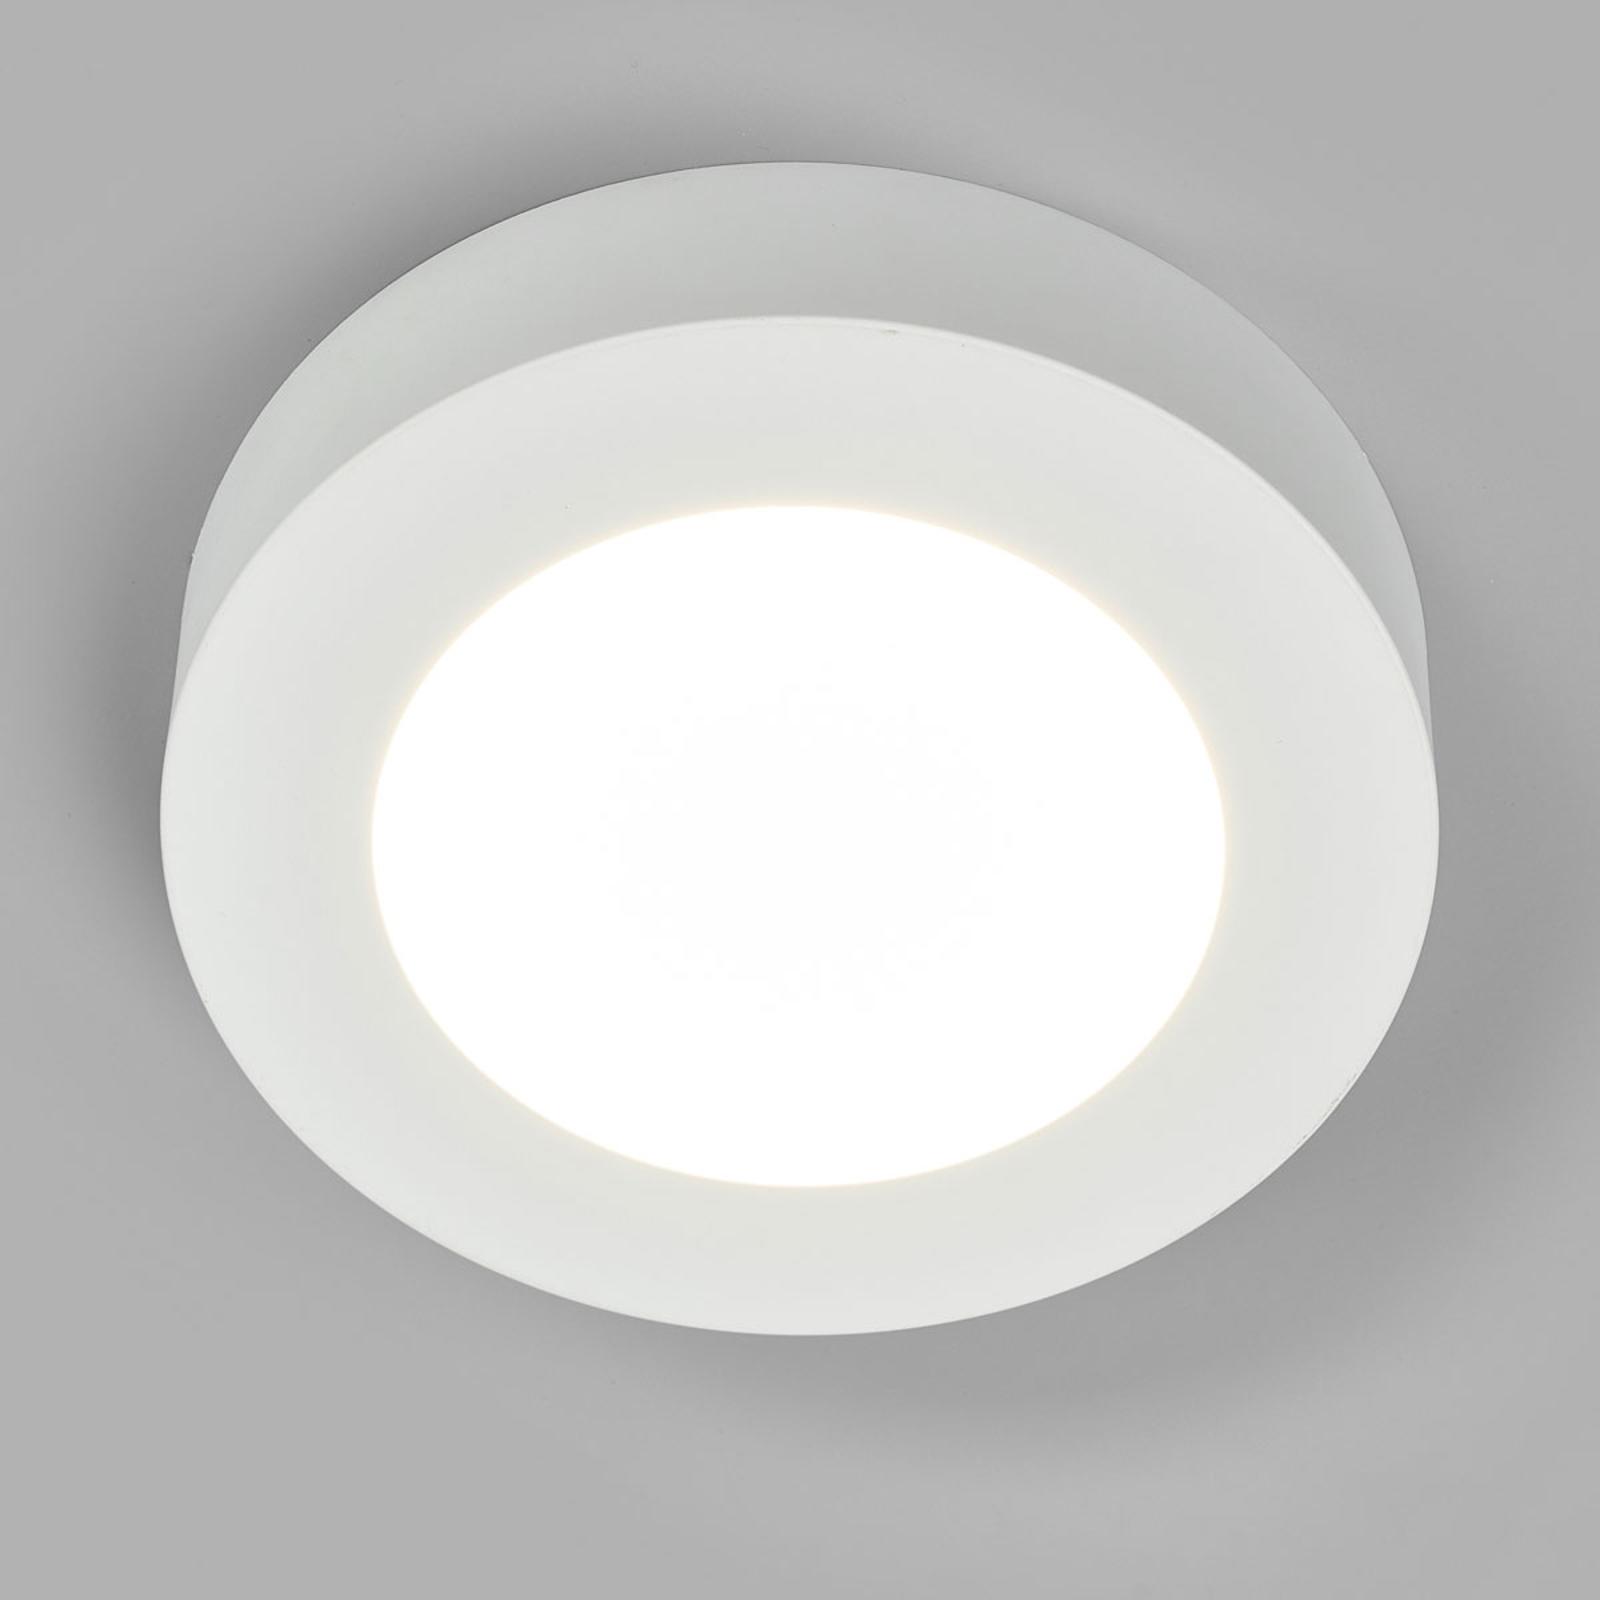 LED-kattovalo Marlo valkoinen 4000K pyöreä 18,2cm